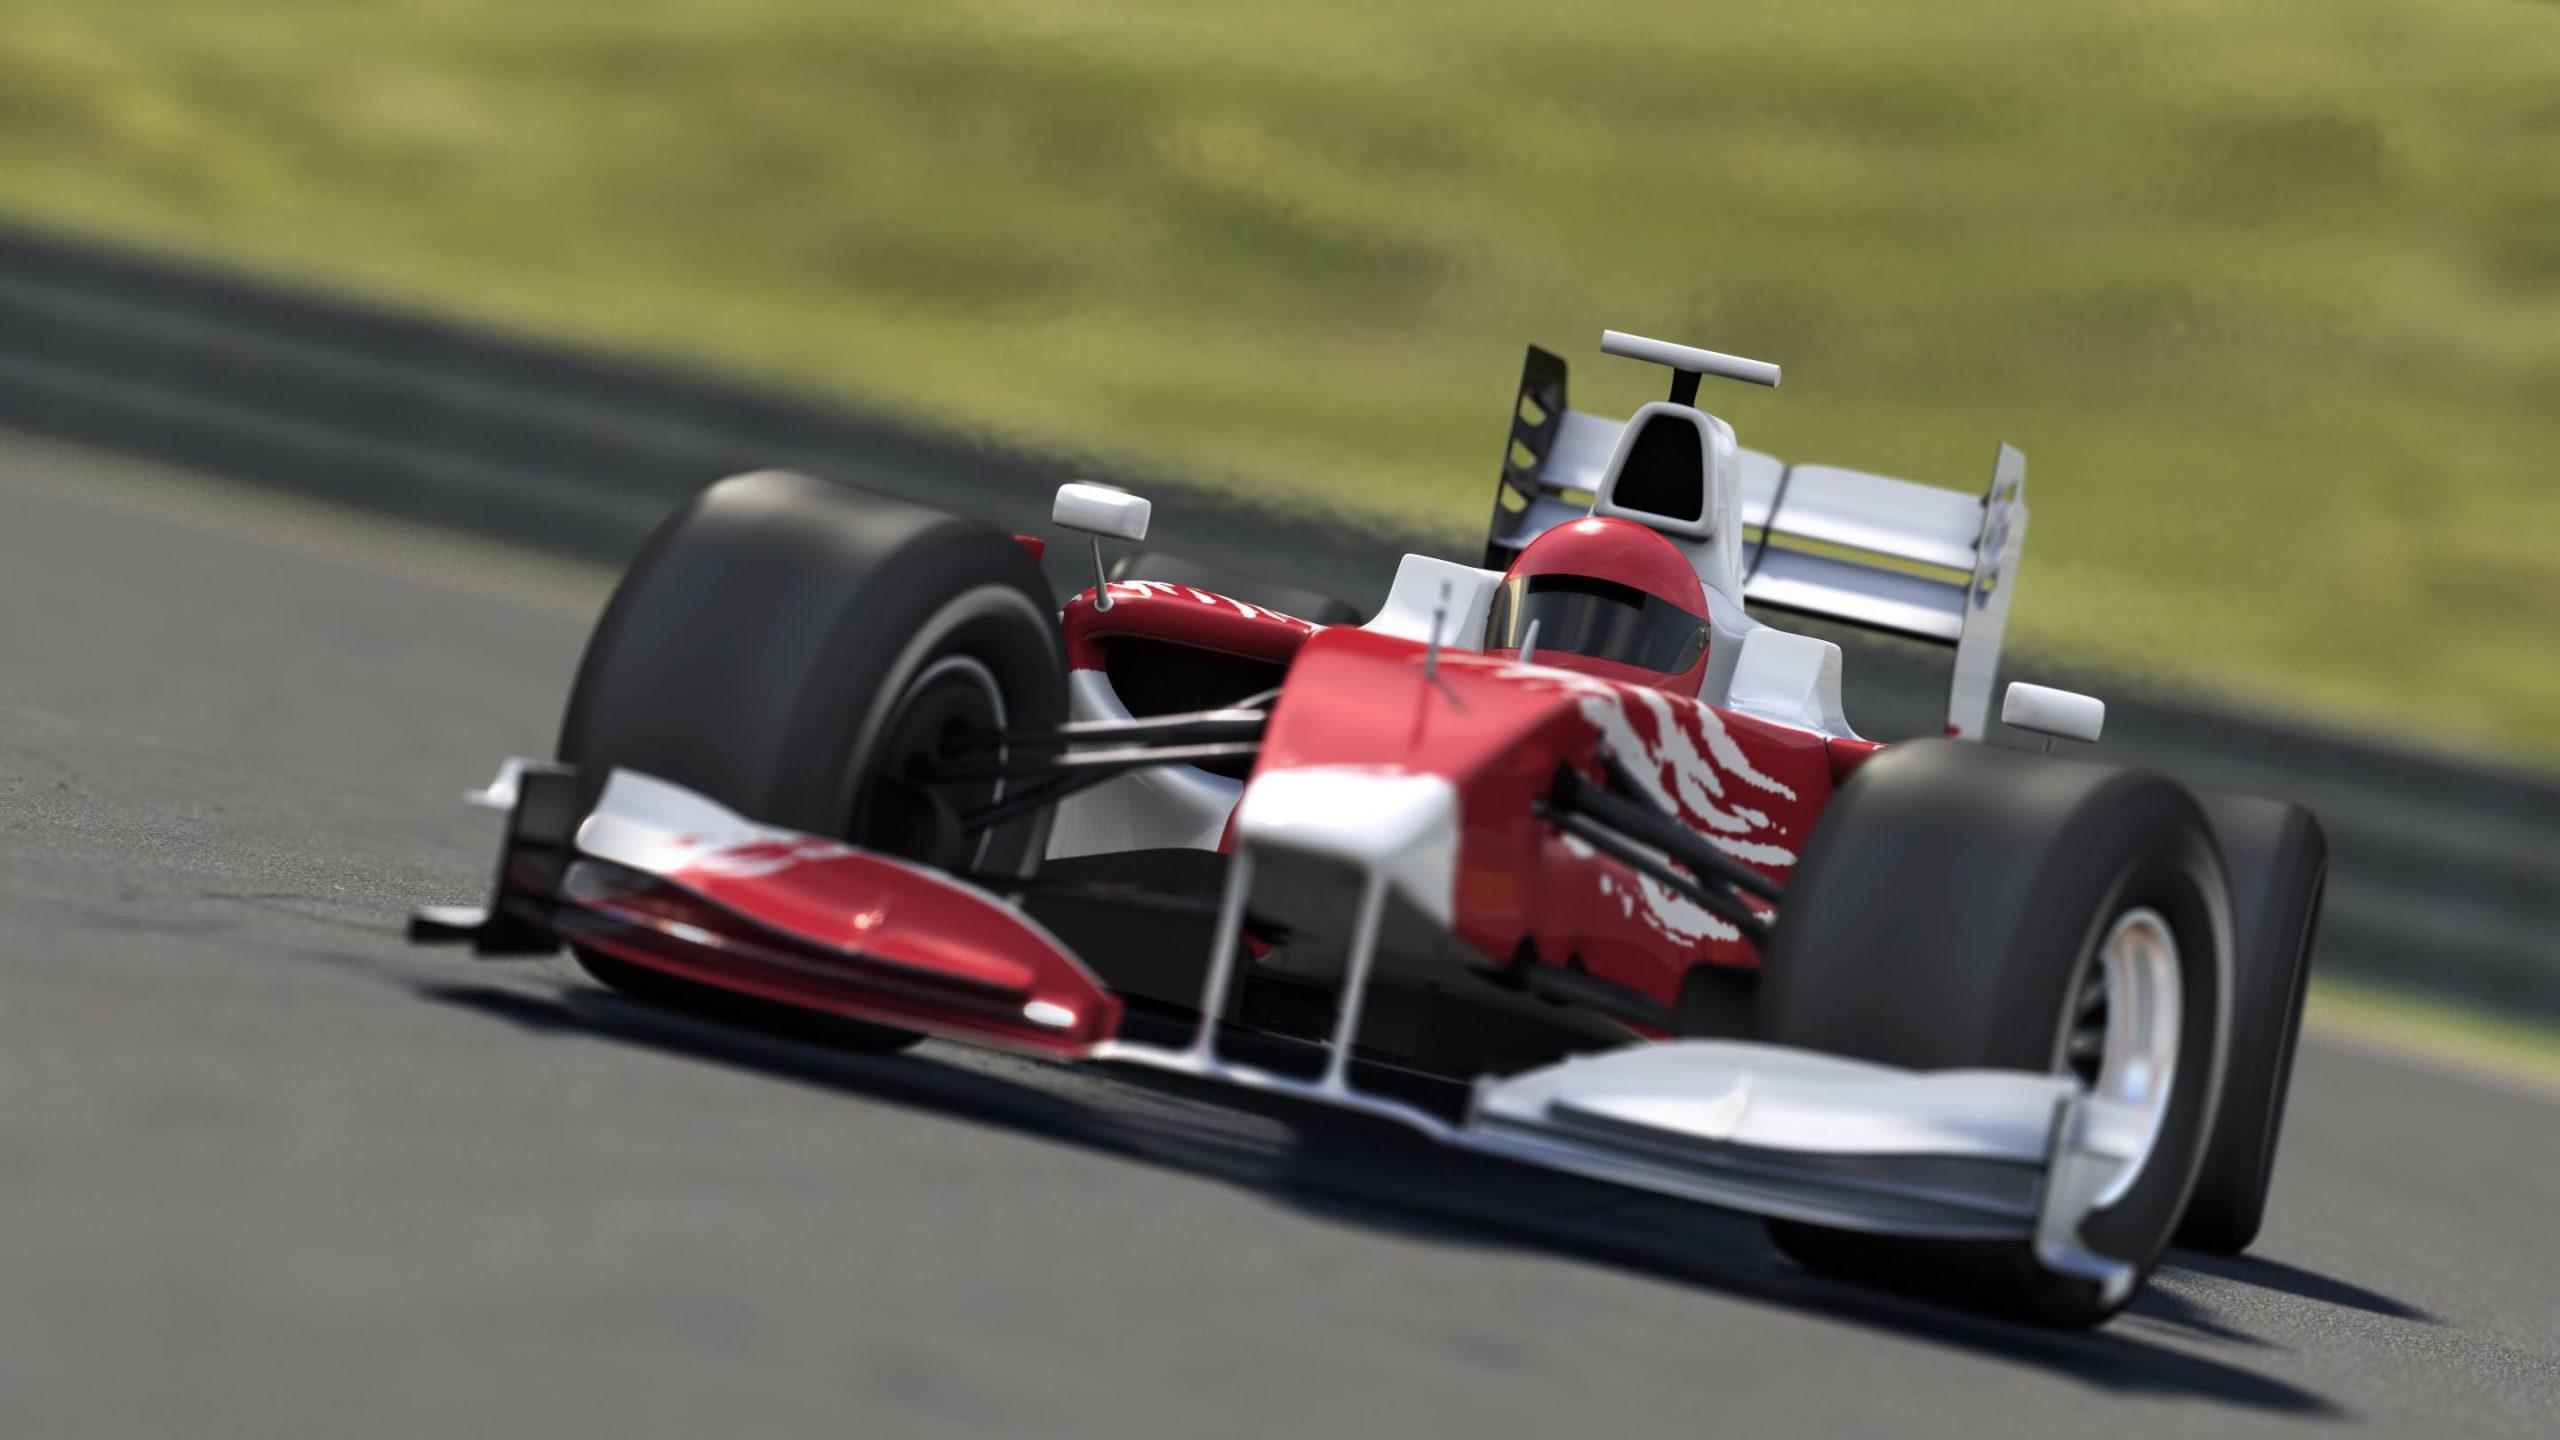 Quelles courses auto auront finalement lieu en 2020 ?